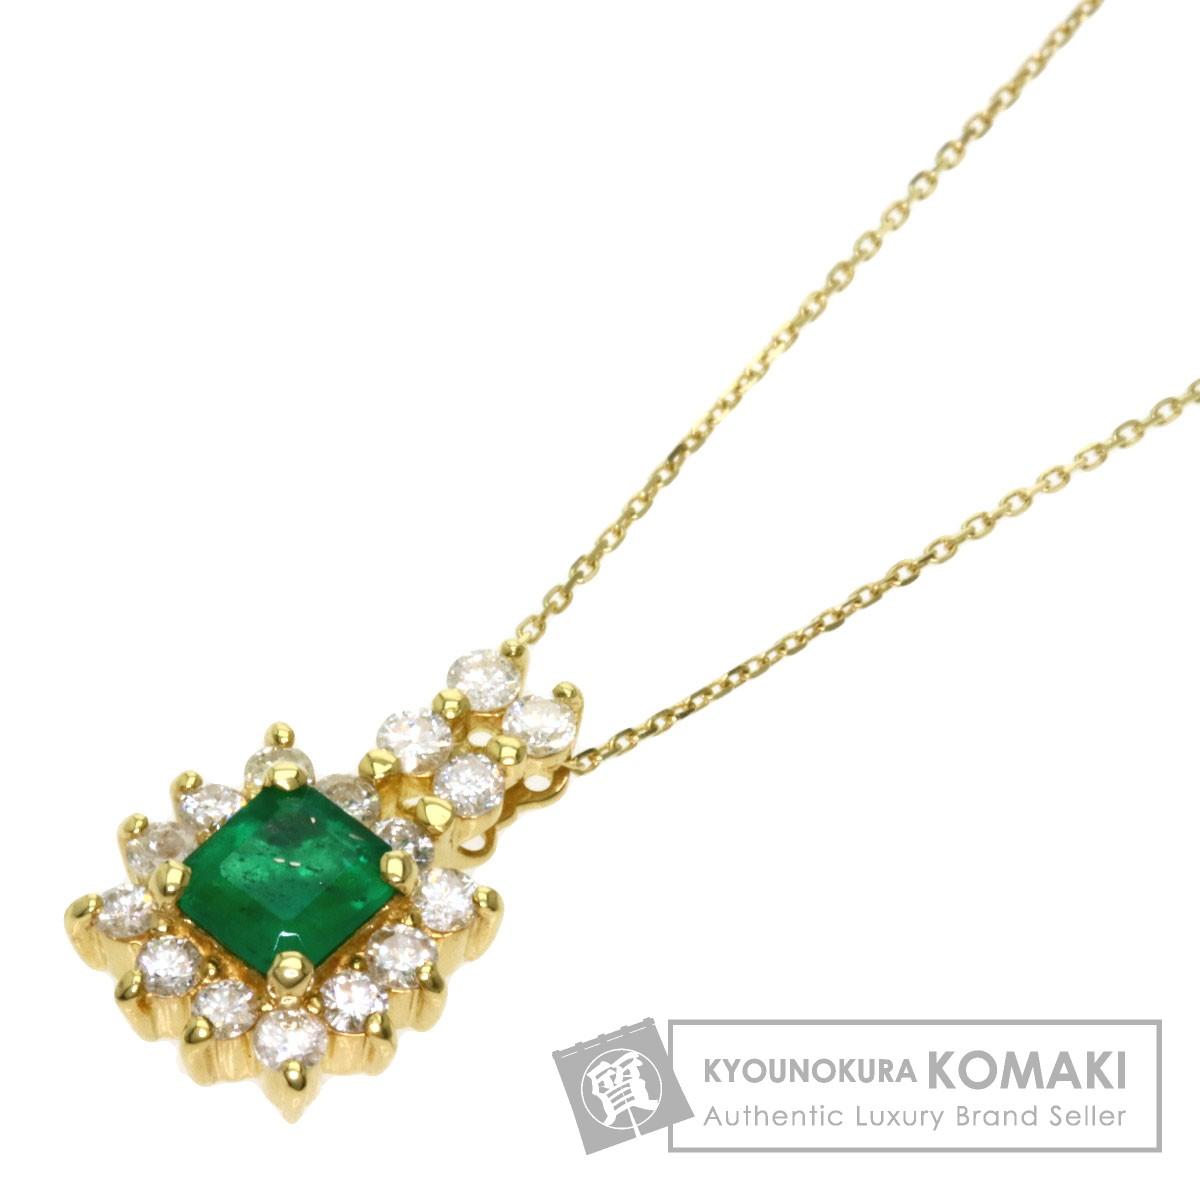 エメラルド ダイヤモンド ネックレス K18イエローゴールド レディース 【中古】